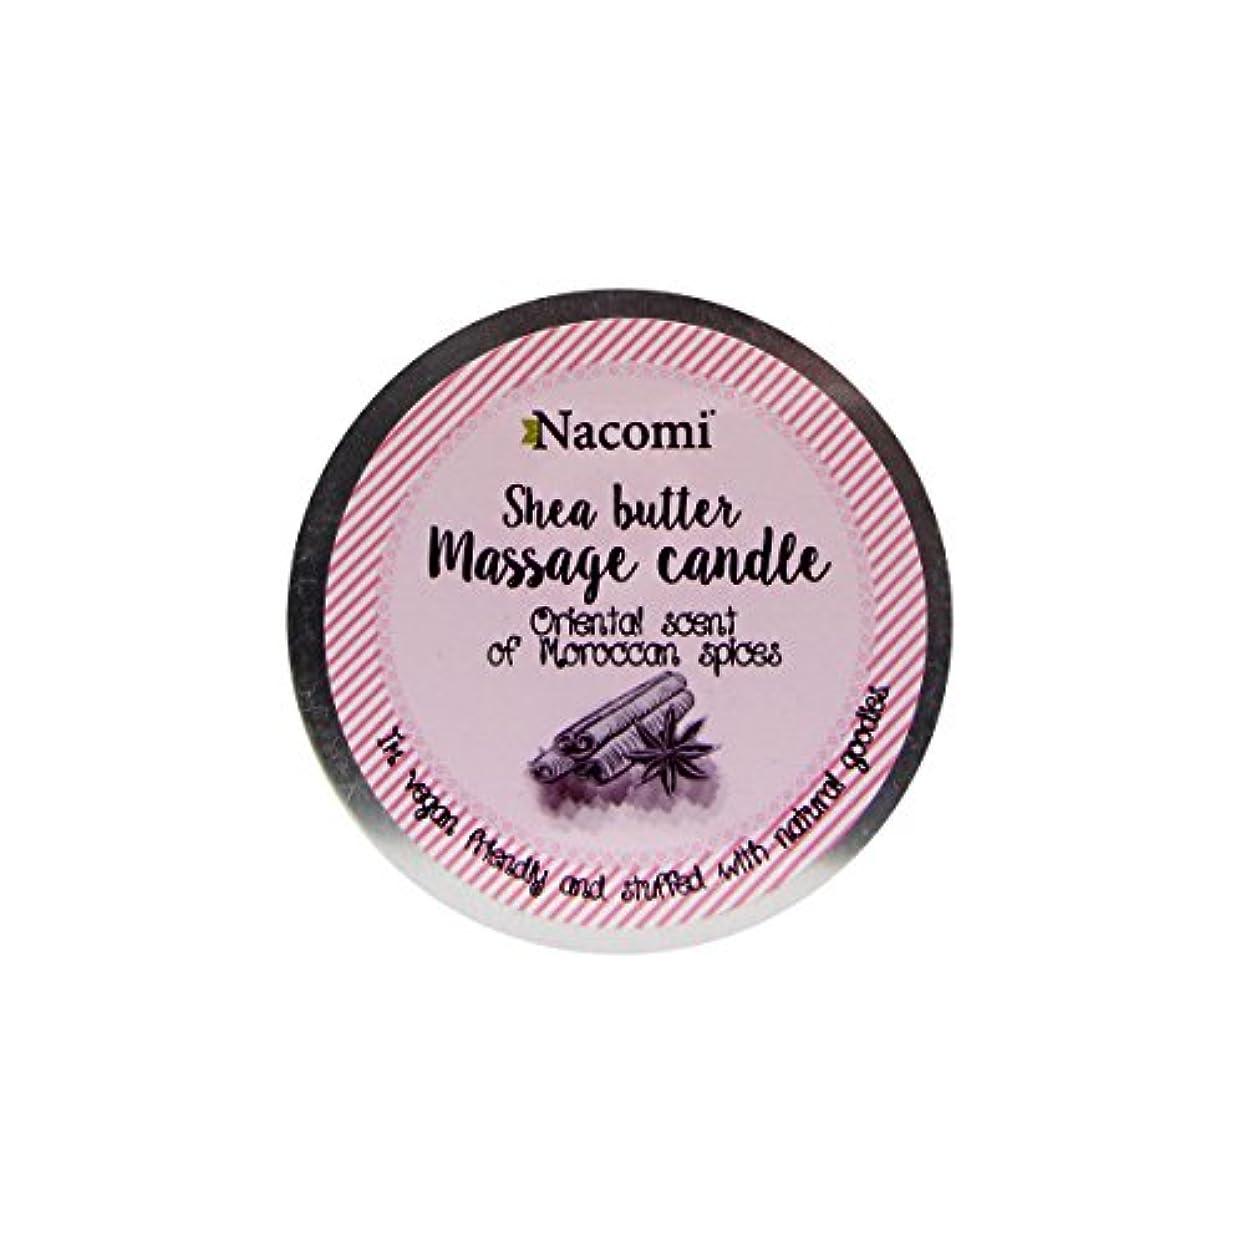 ひまわりダウンタウン主Nacomi Shea Butter Massage Candle Oriental Scent Of Moroccan Spices 150g [並行輸入品]